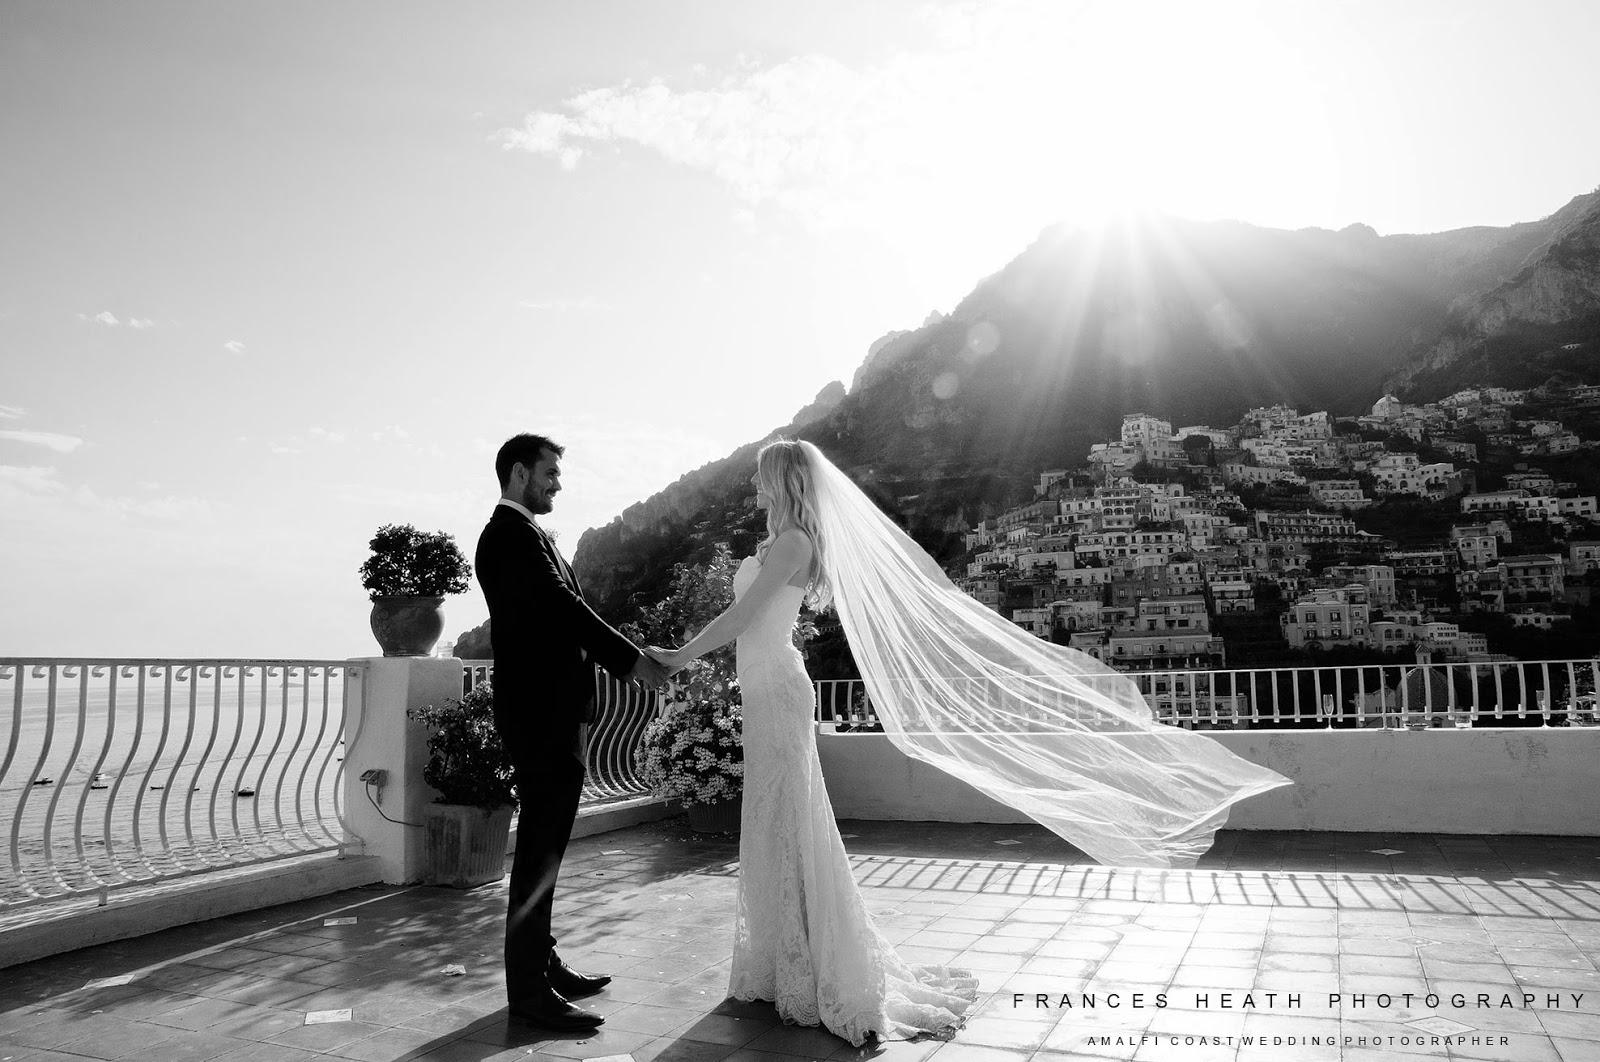 Wedding portrait at Hotel Marincanto in Positano